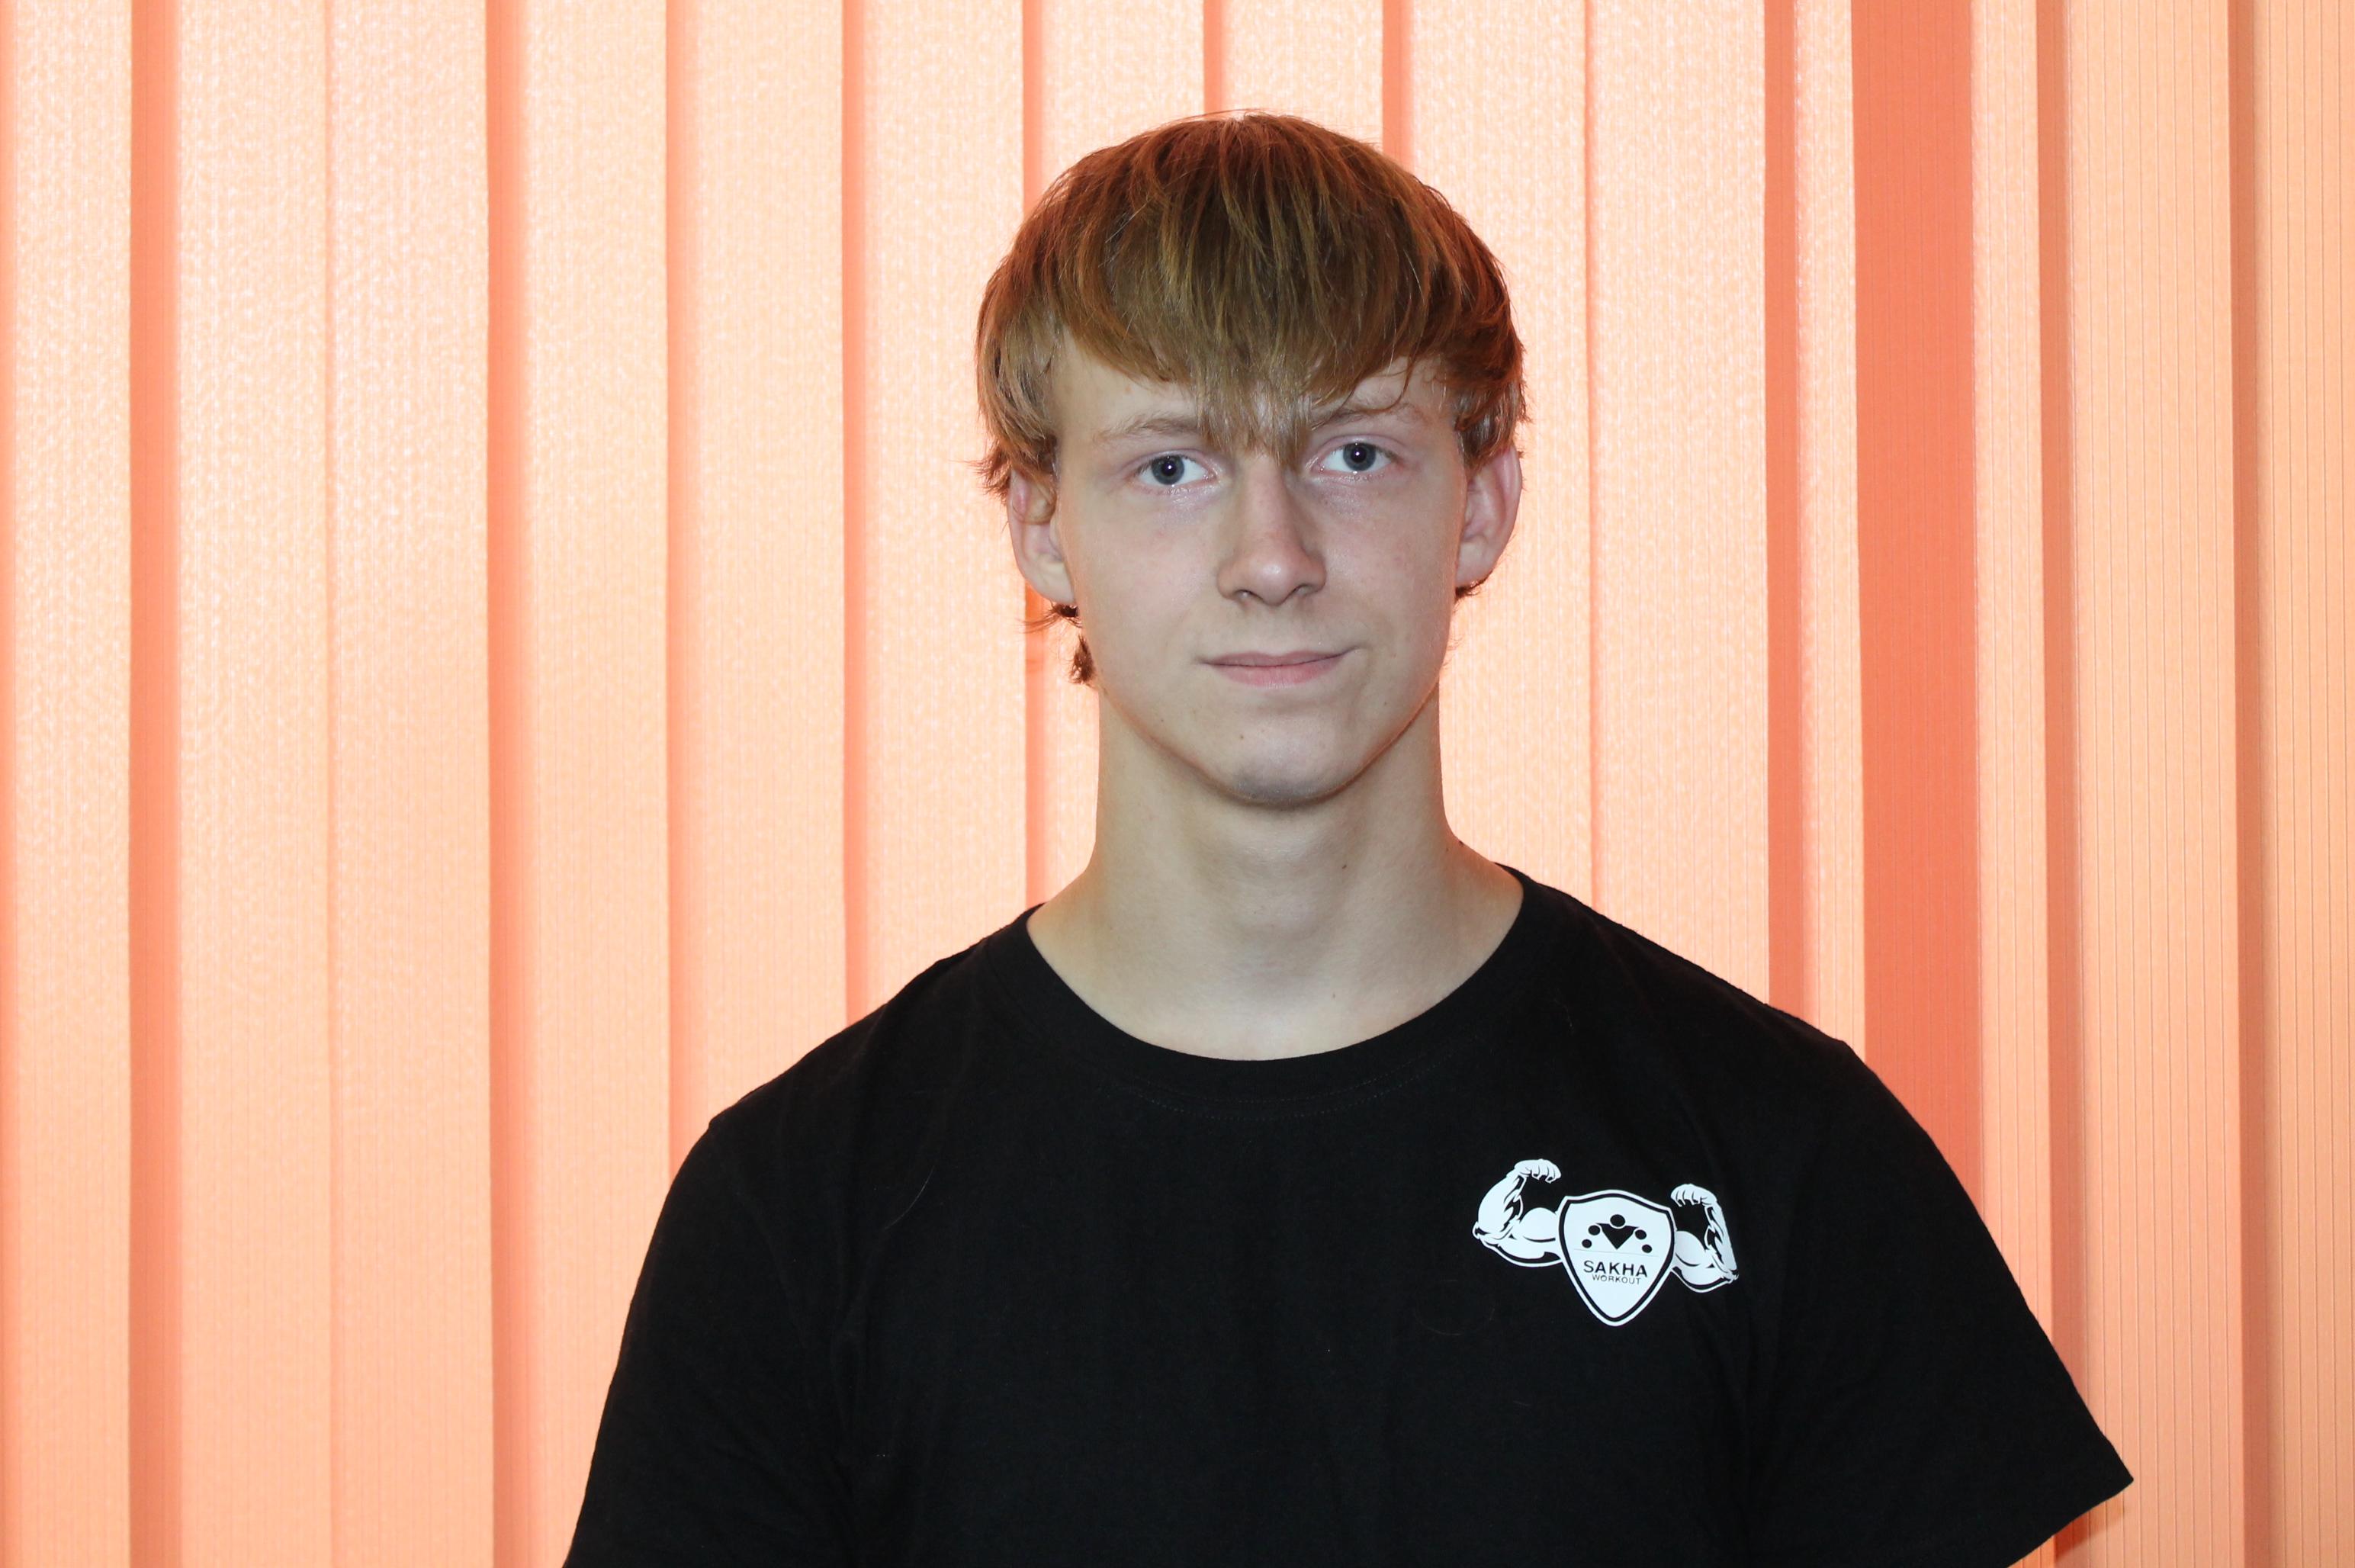 Алехин Александр, студент СВМ-24